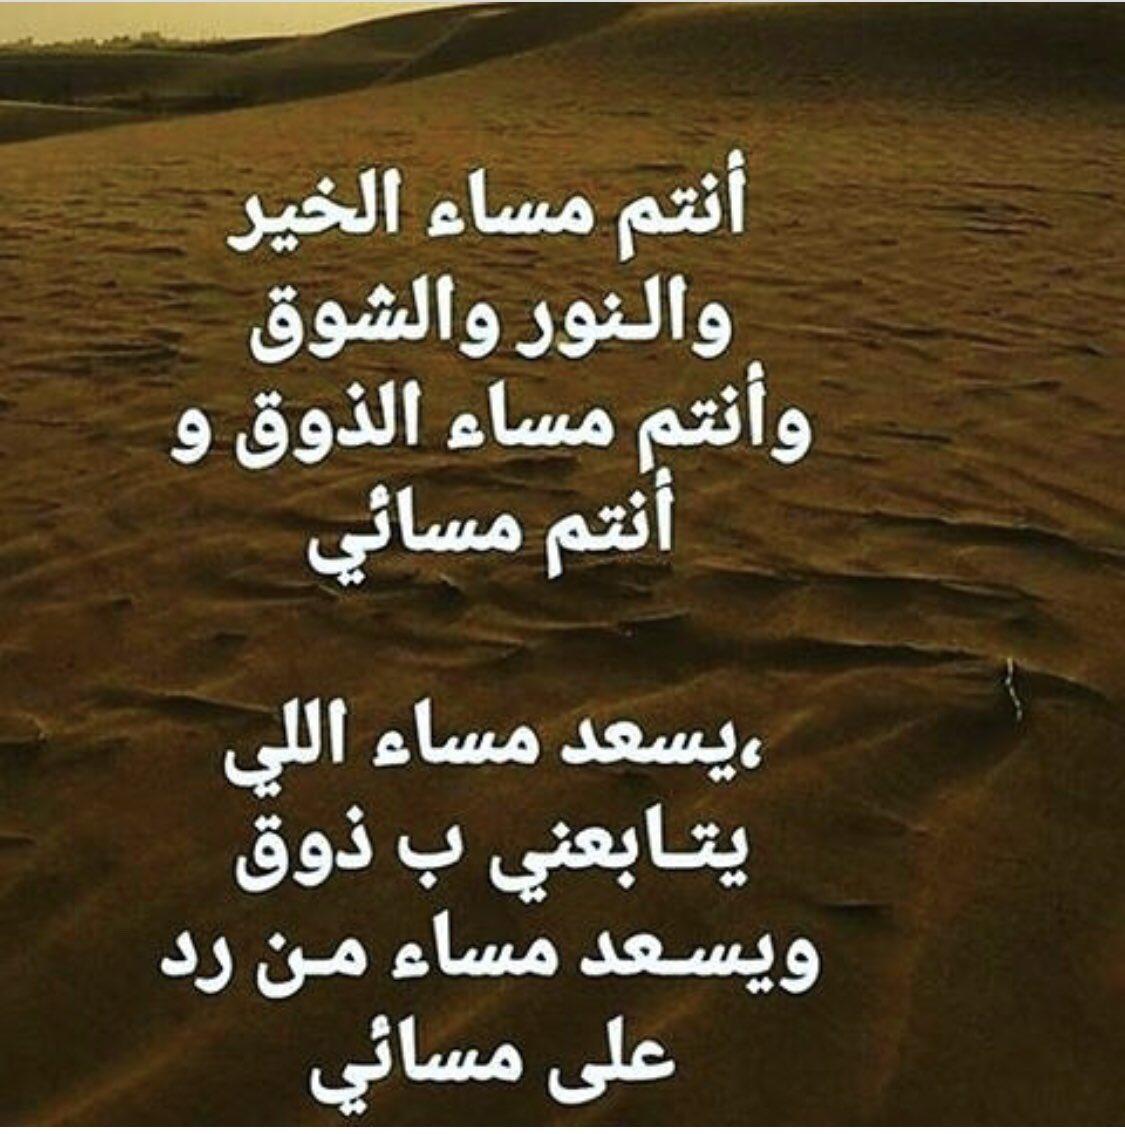 صورة كلمات مسائية راقية , جمل معبره عن المساء روعه